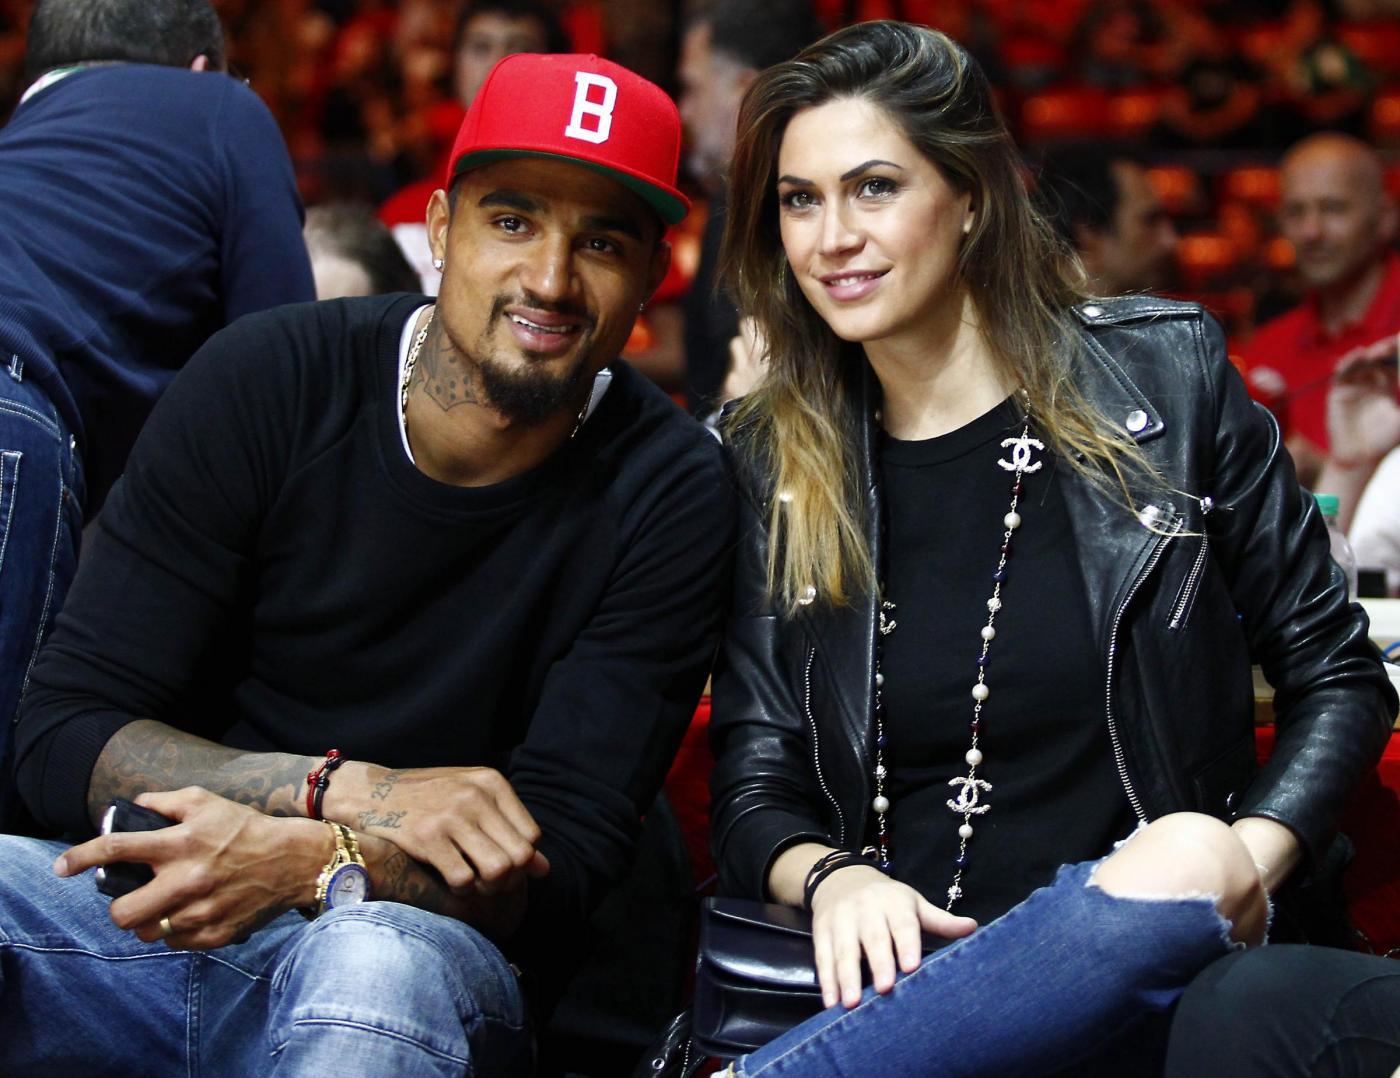 Melissa Satta e Kevin Price Boateng innamorati alla partita di basket01